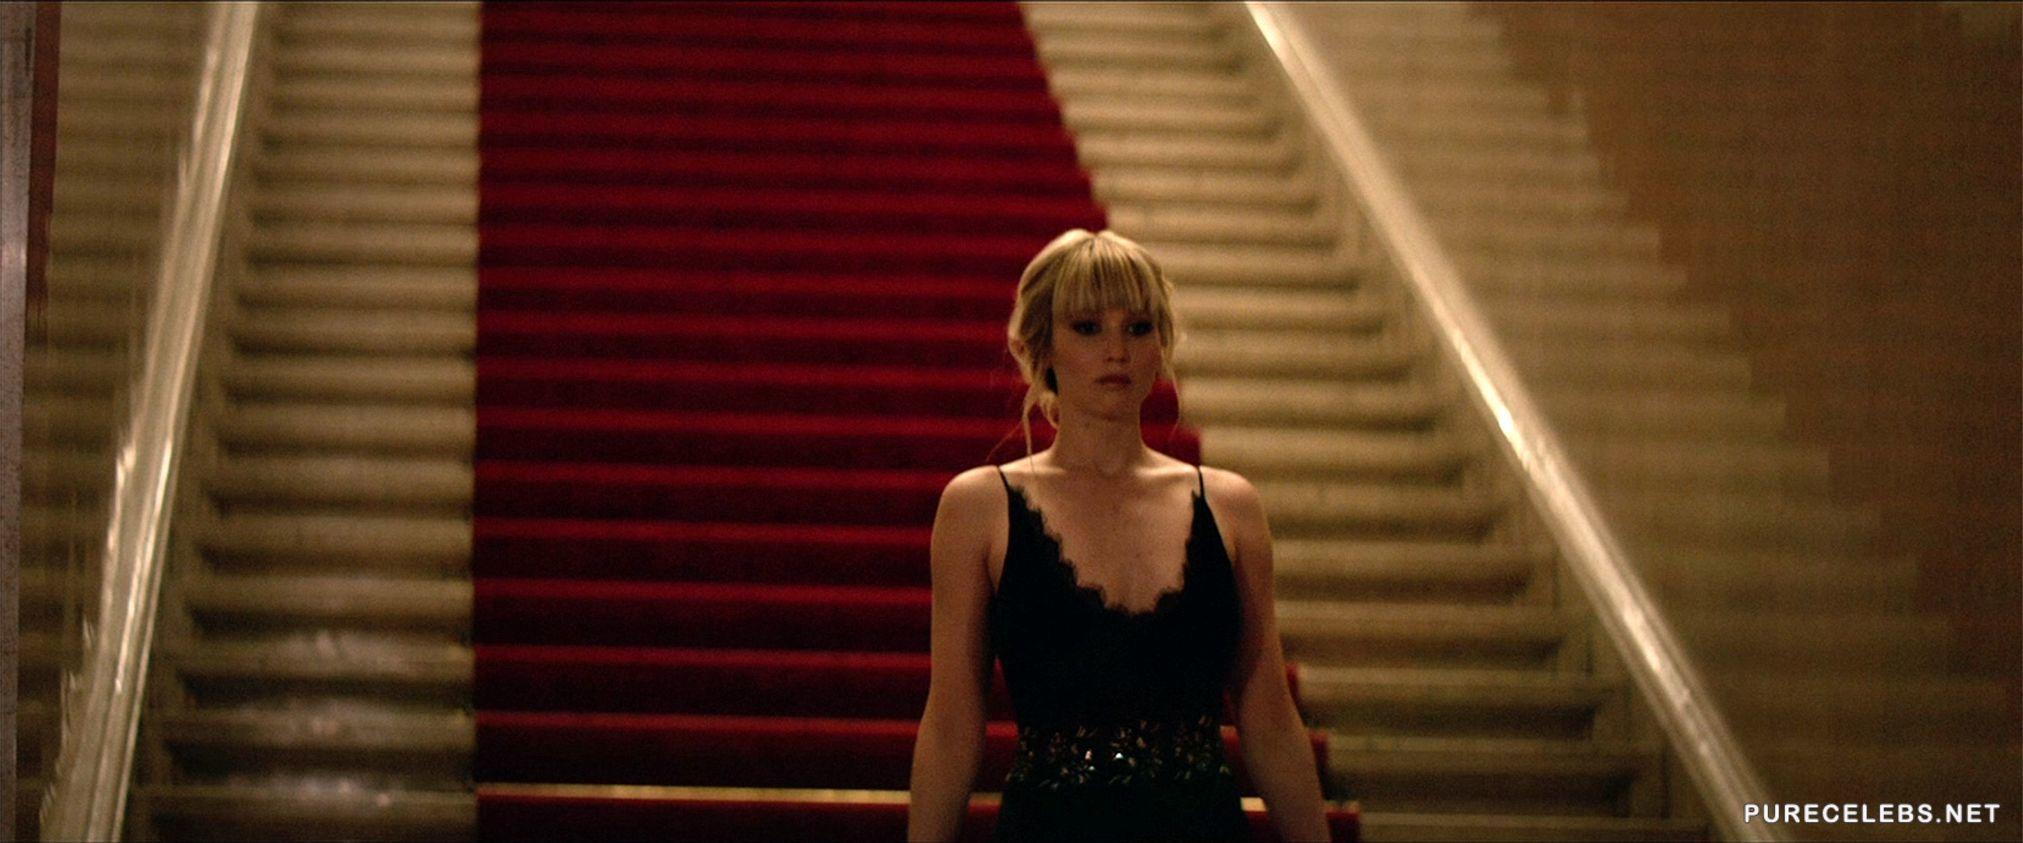 Jennifer lawrence sexy hd. 36 Hottest Jennifer Lawrence